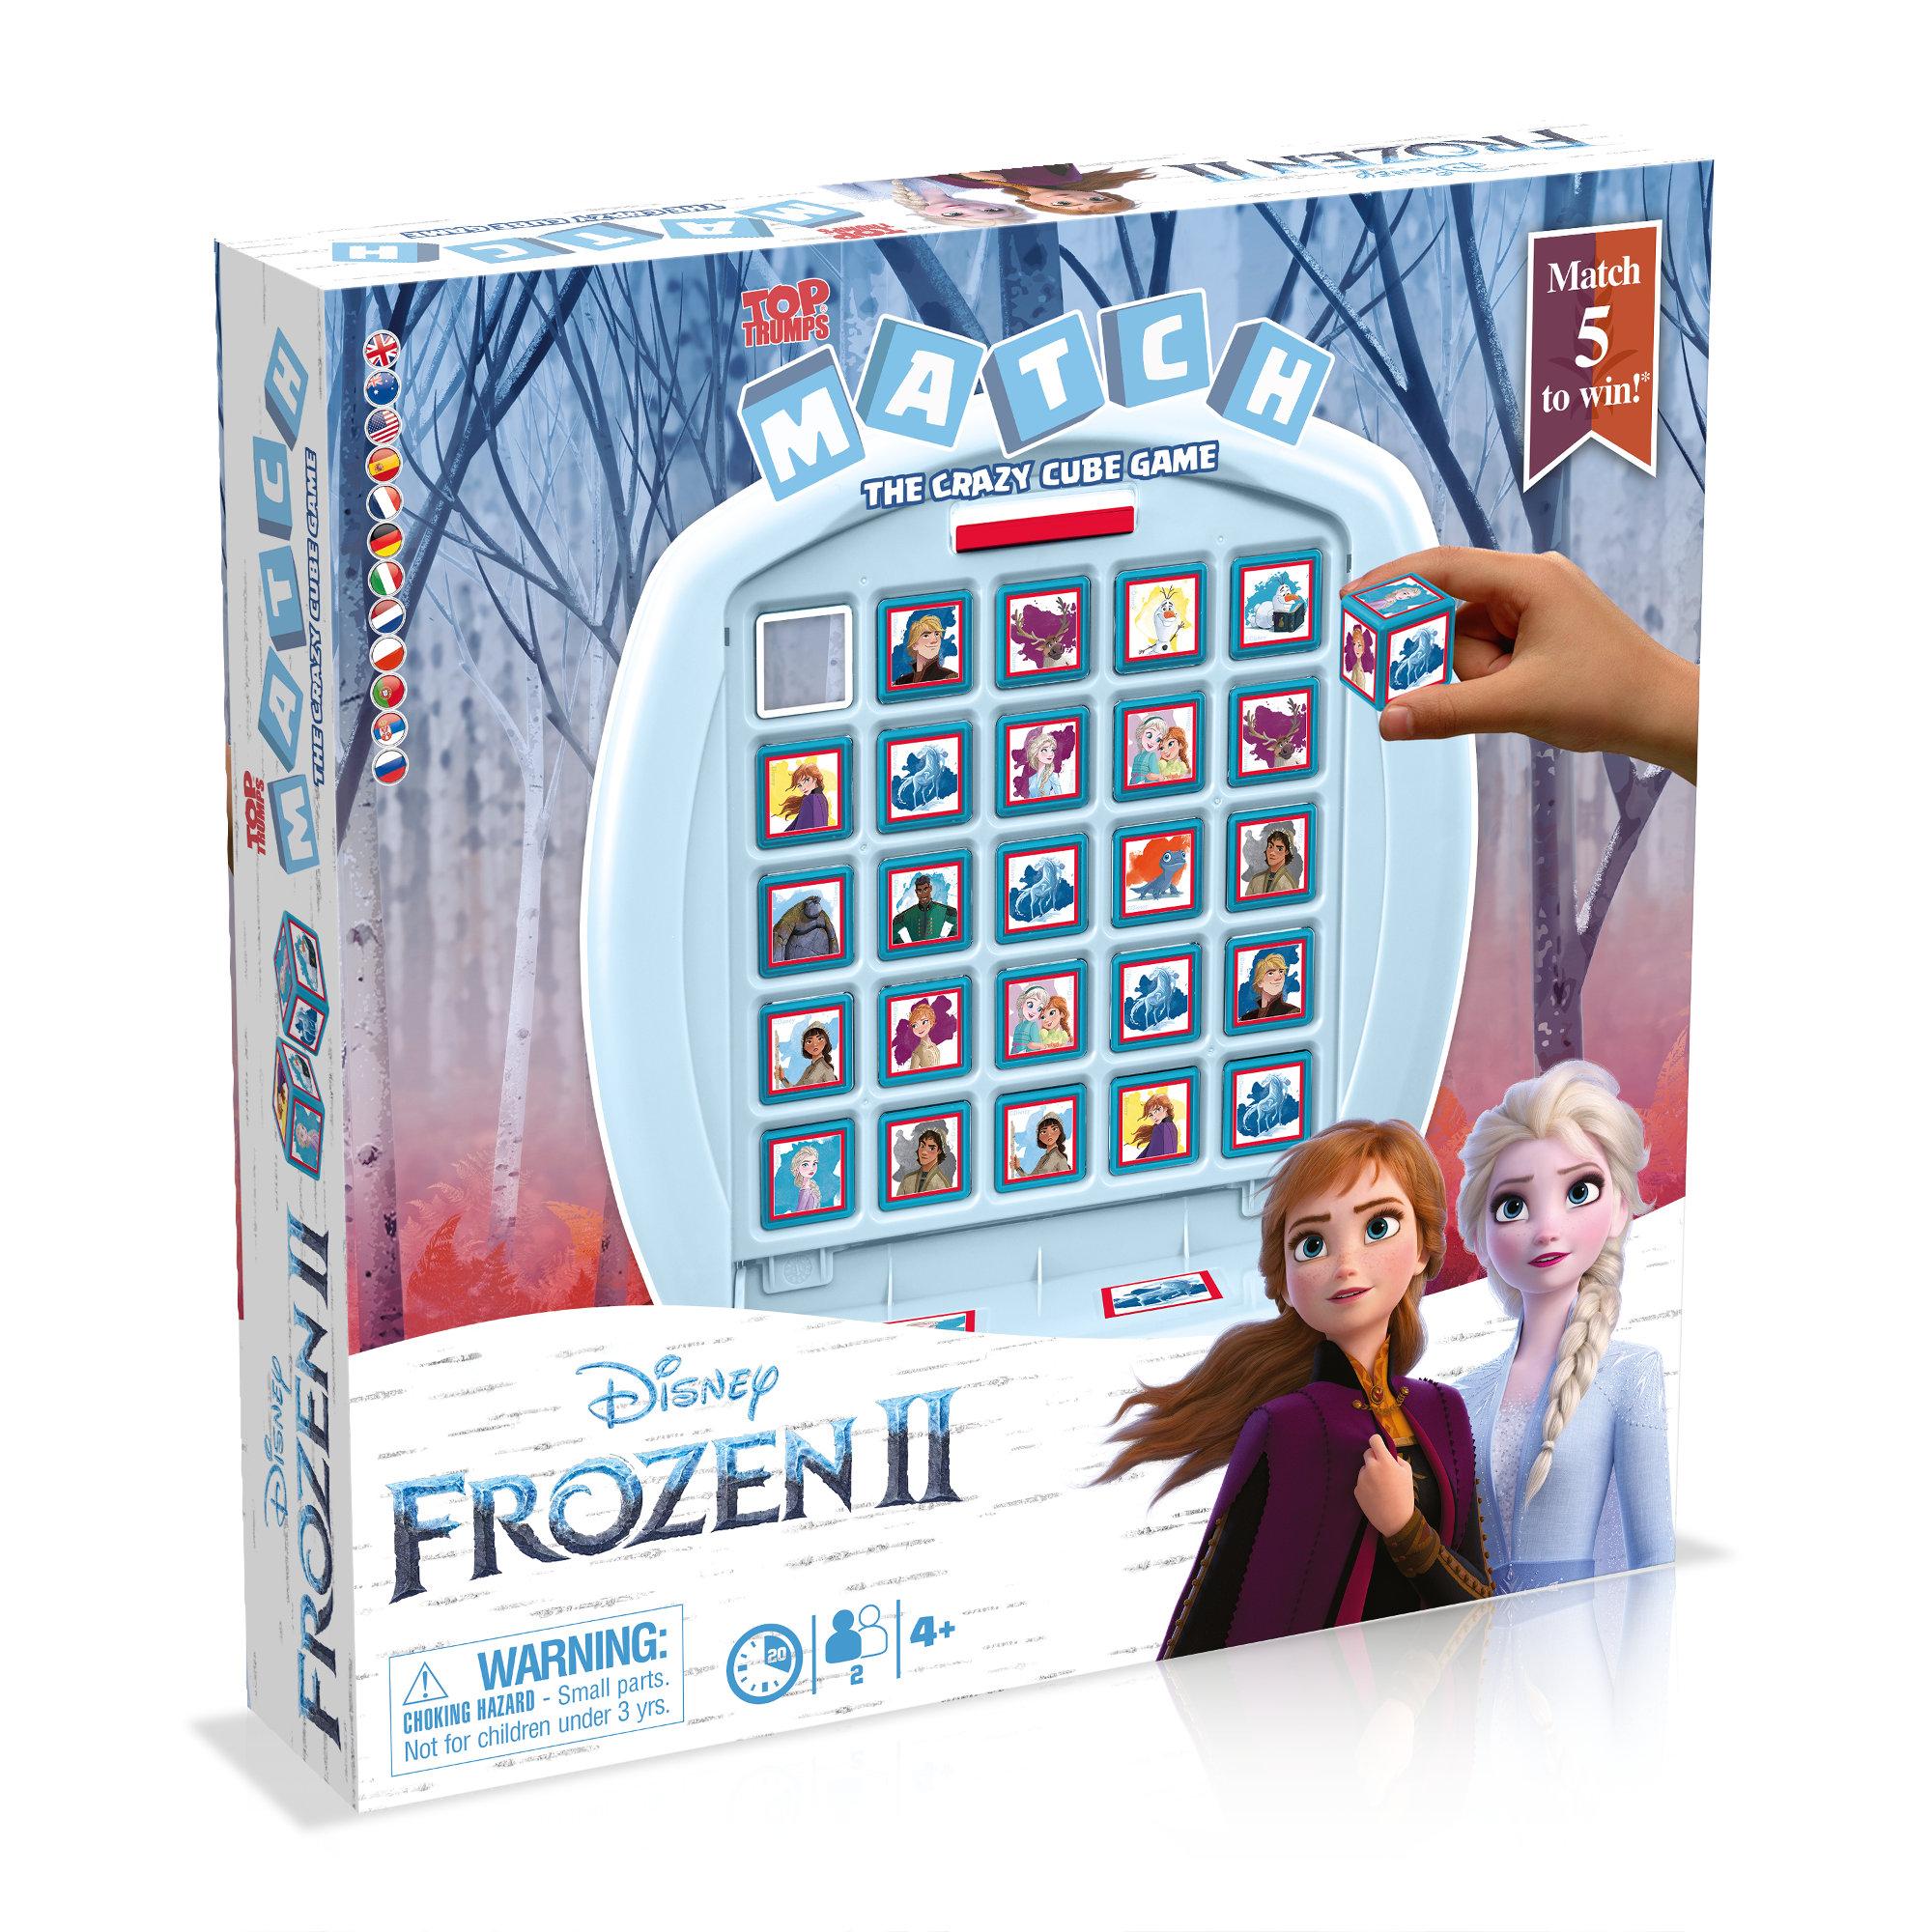 MATCH Frozen 2